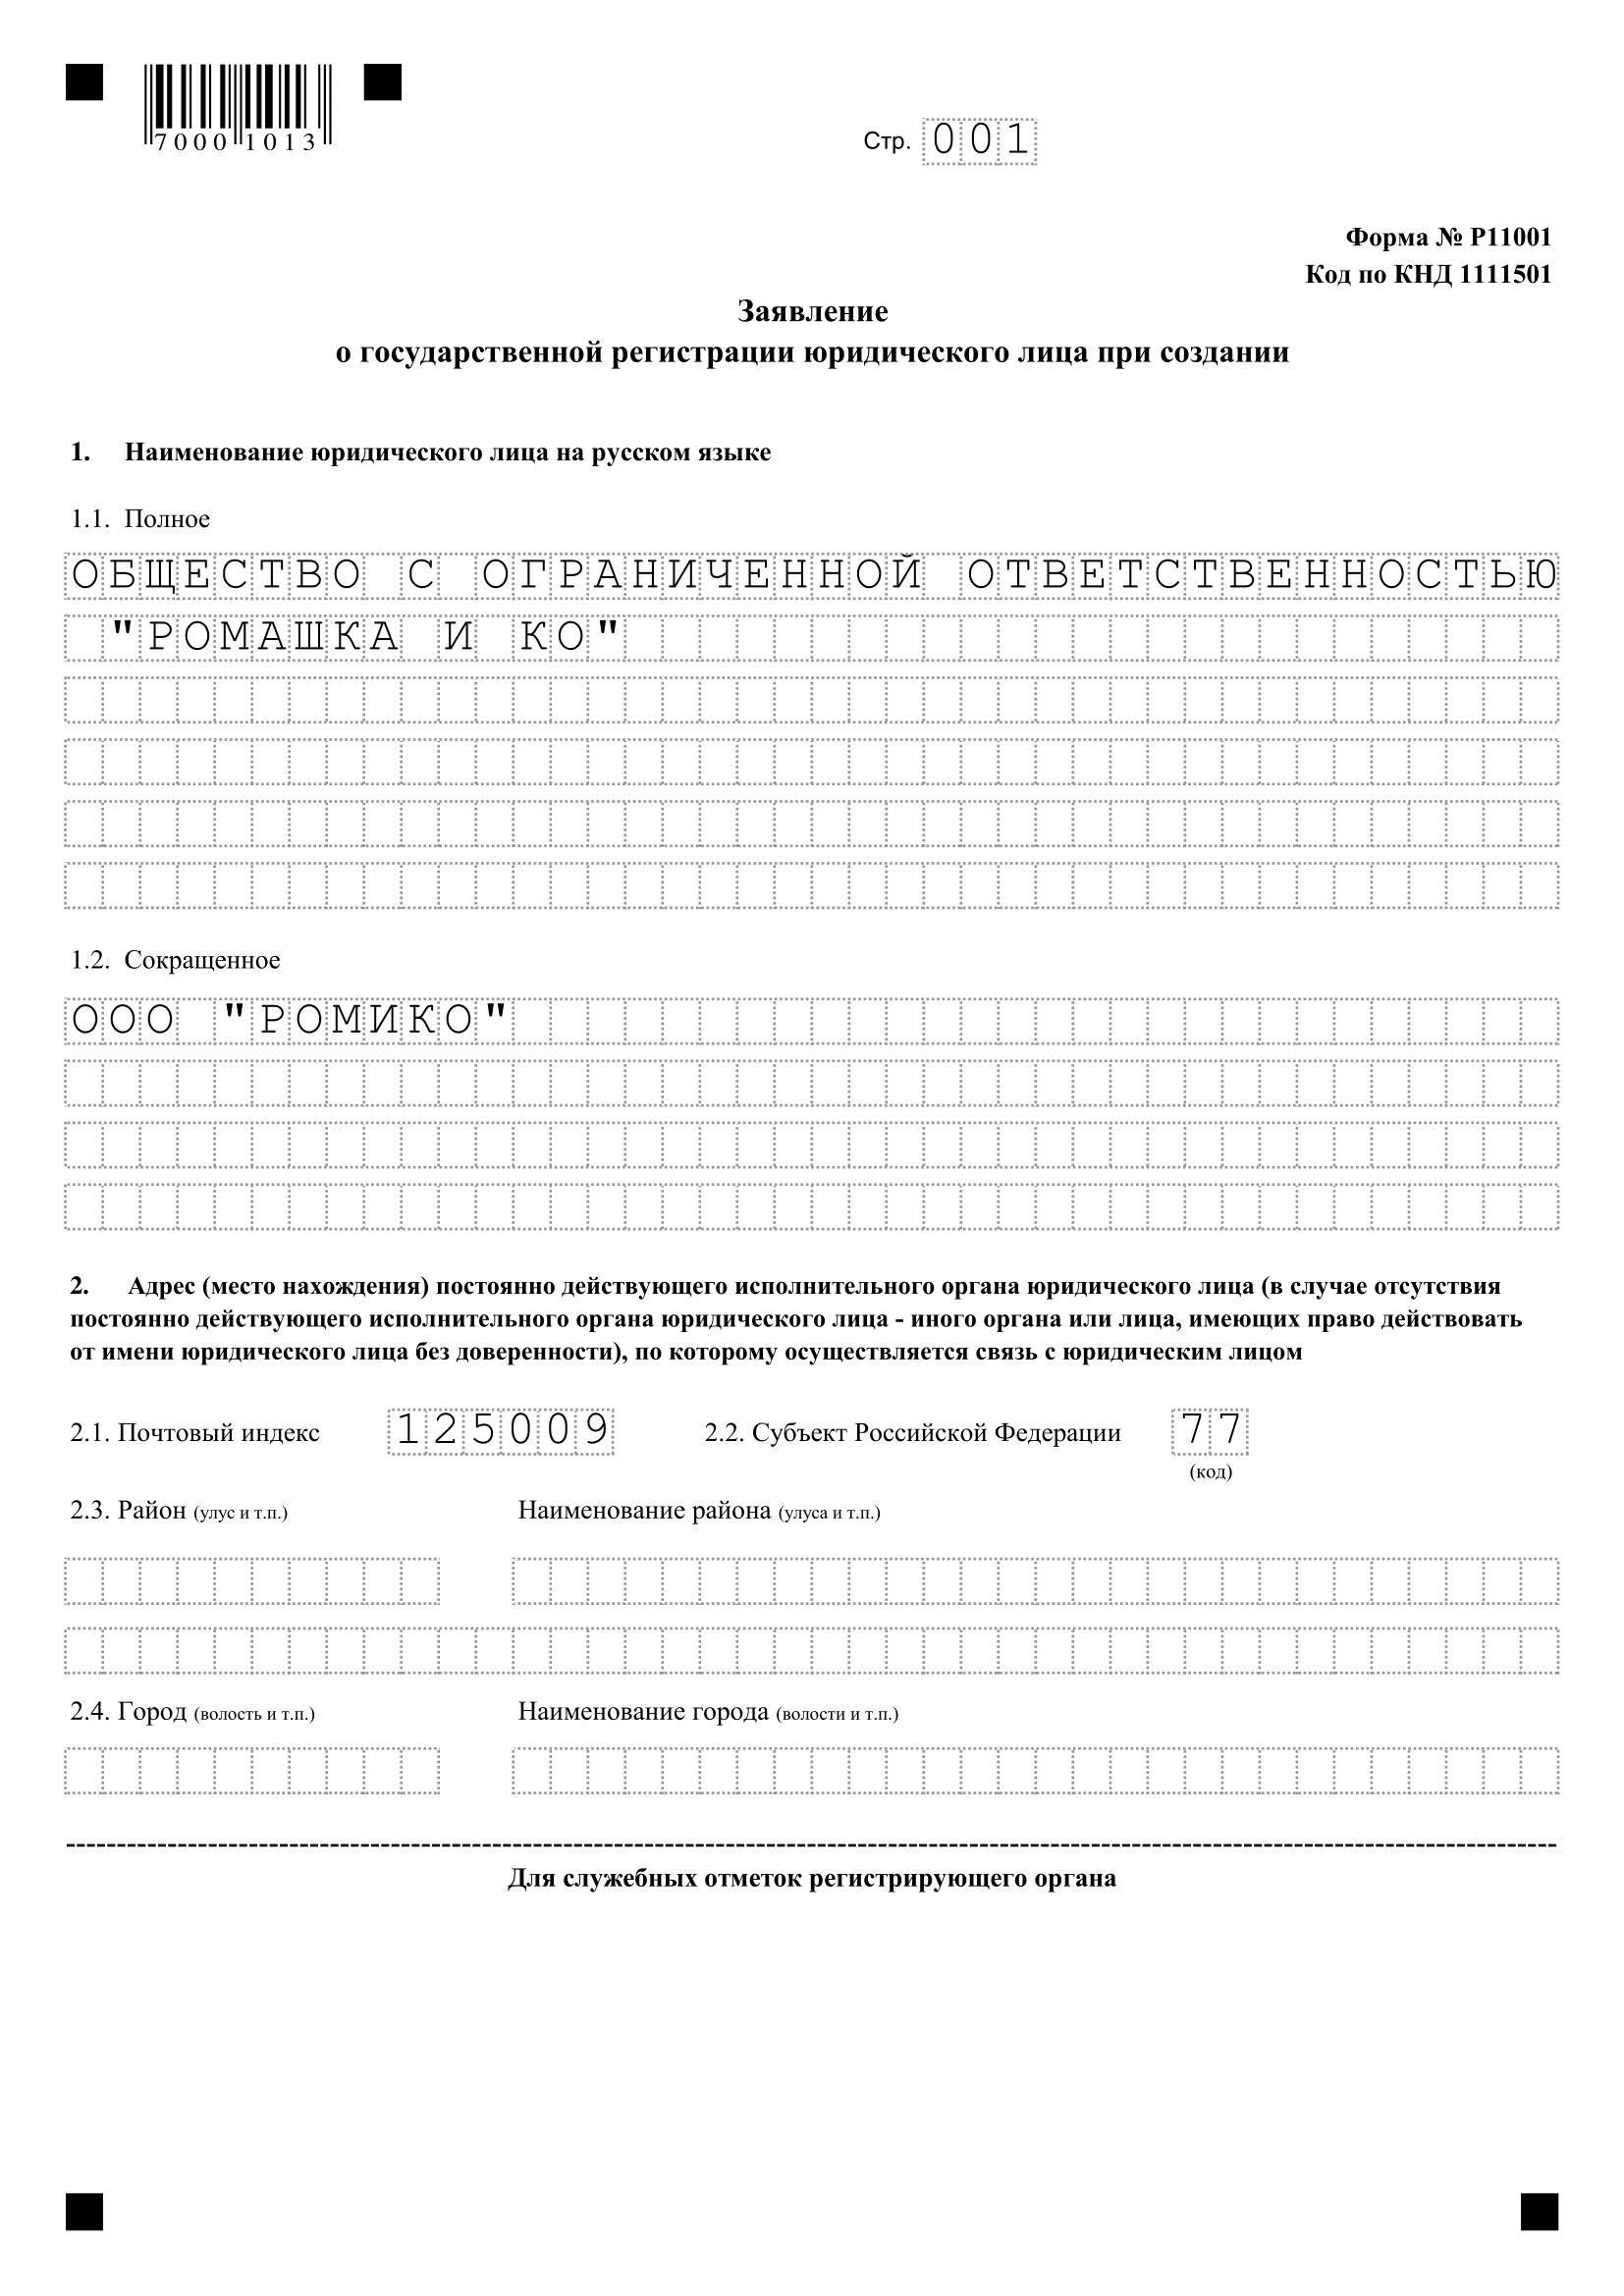 налоговая декларация 3 ндфл 2019 года